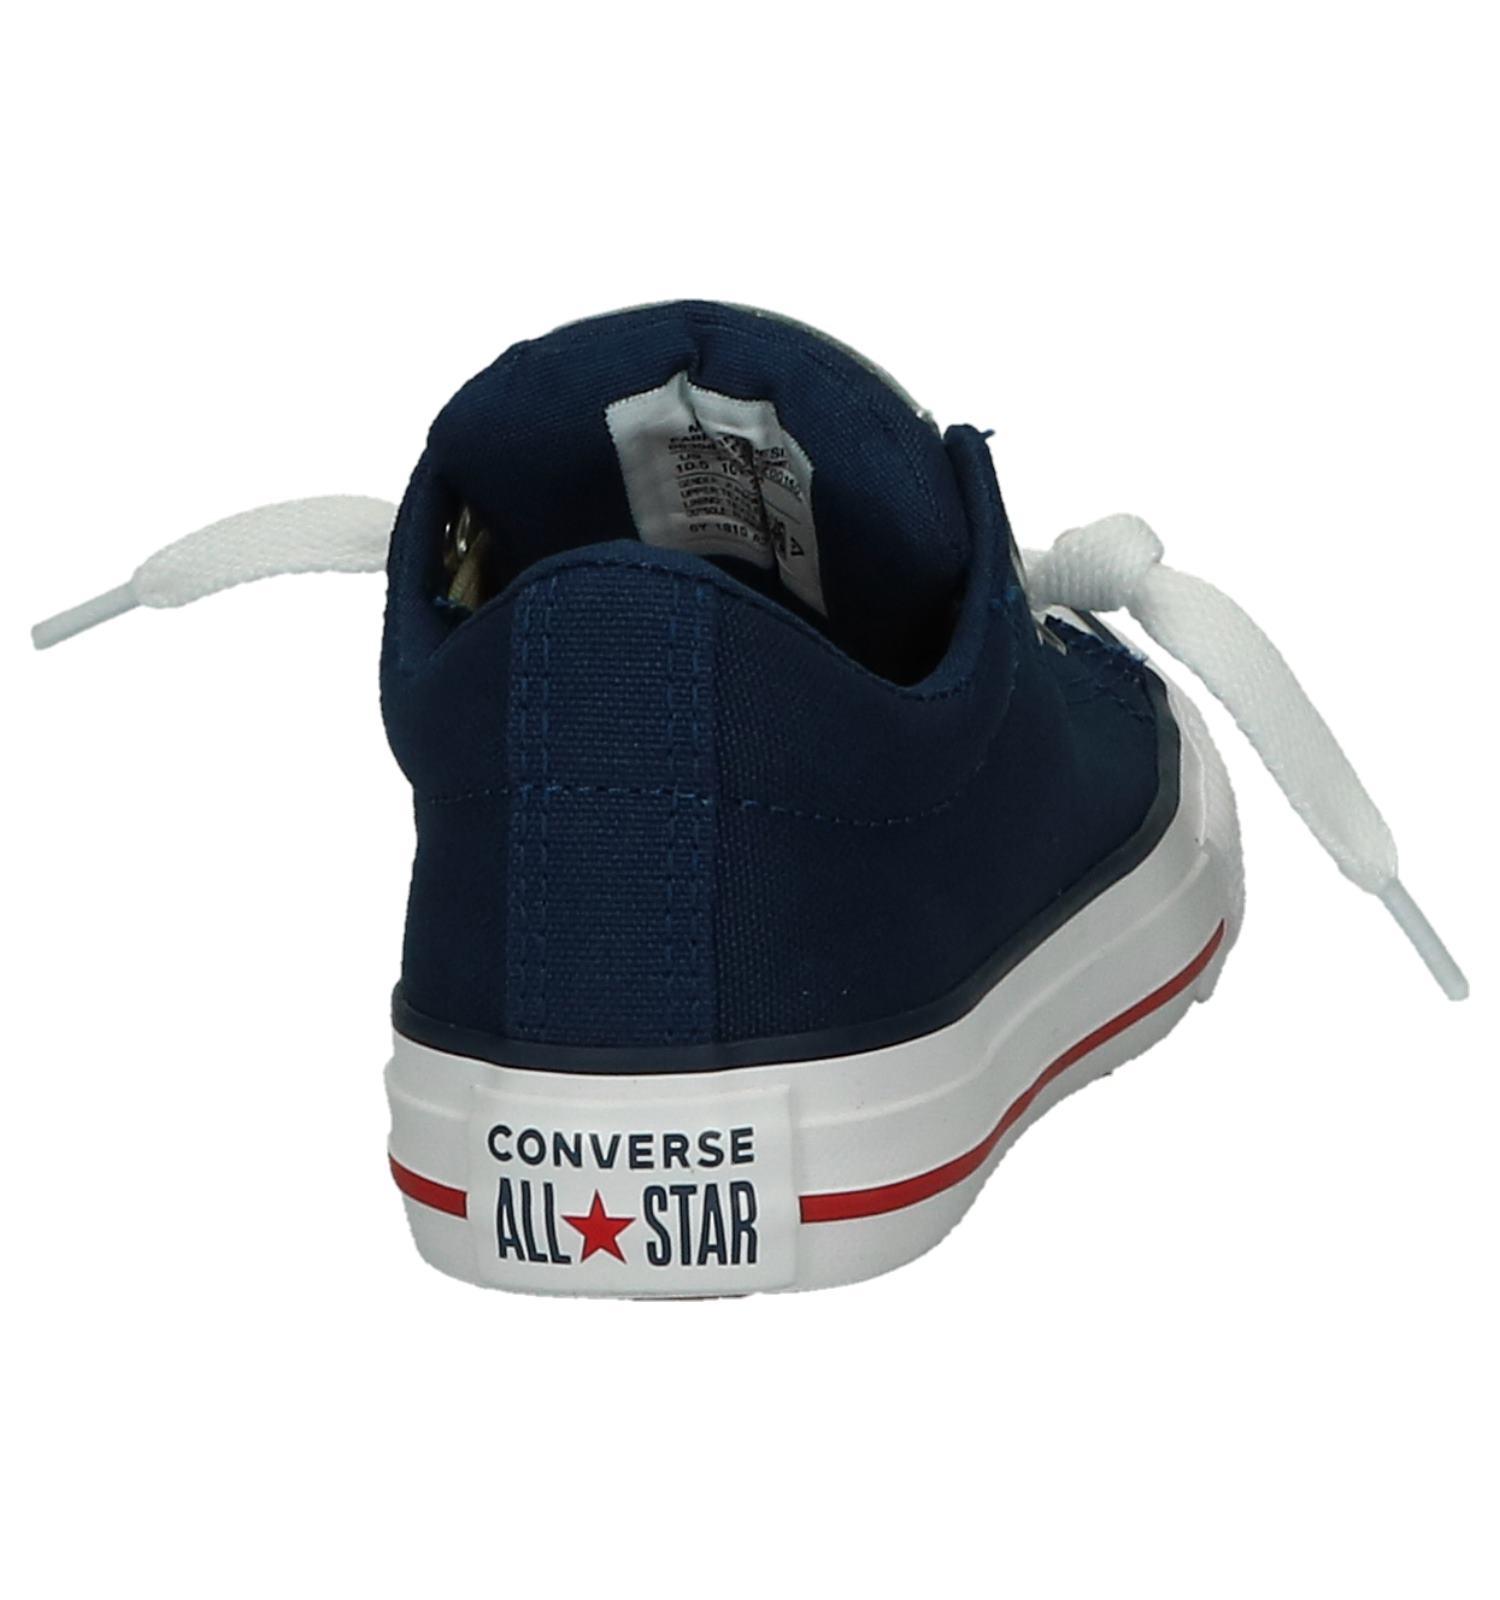 9b9df1f0c0d Donkerblauwe Sneakers Converse Chuck Taylor AS Street Slip | TORFS.BE |  Gratis verzend en retour